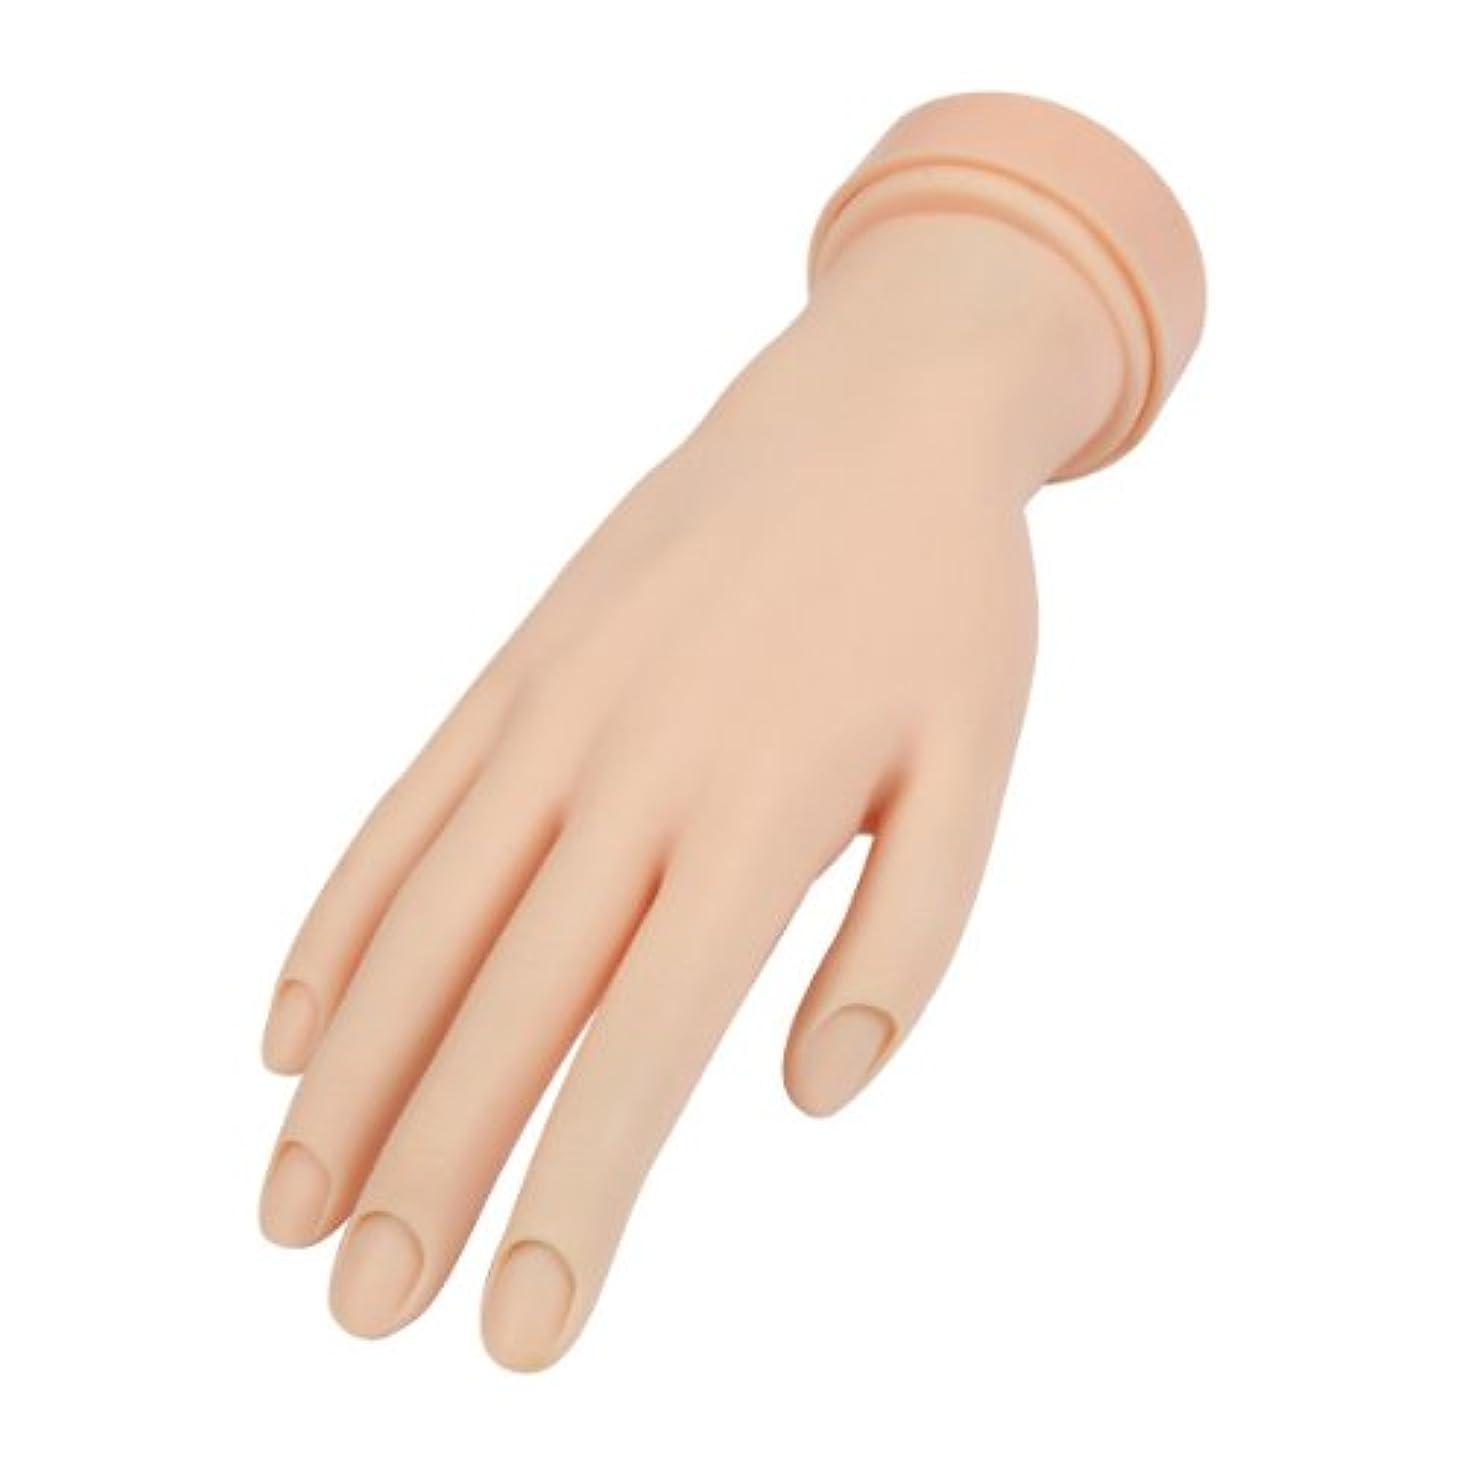 セーブスーパー柔和トレーニングハンド (ネイル用) 右手 [ 練習用マネキン 手 指 ハンドマネキン マネキン 施術 トレーニング ]